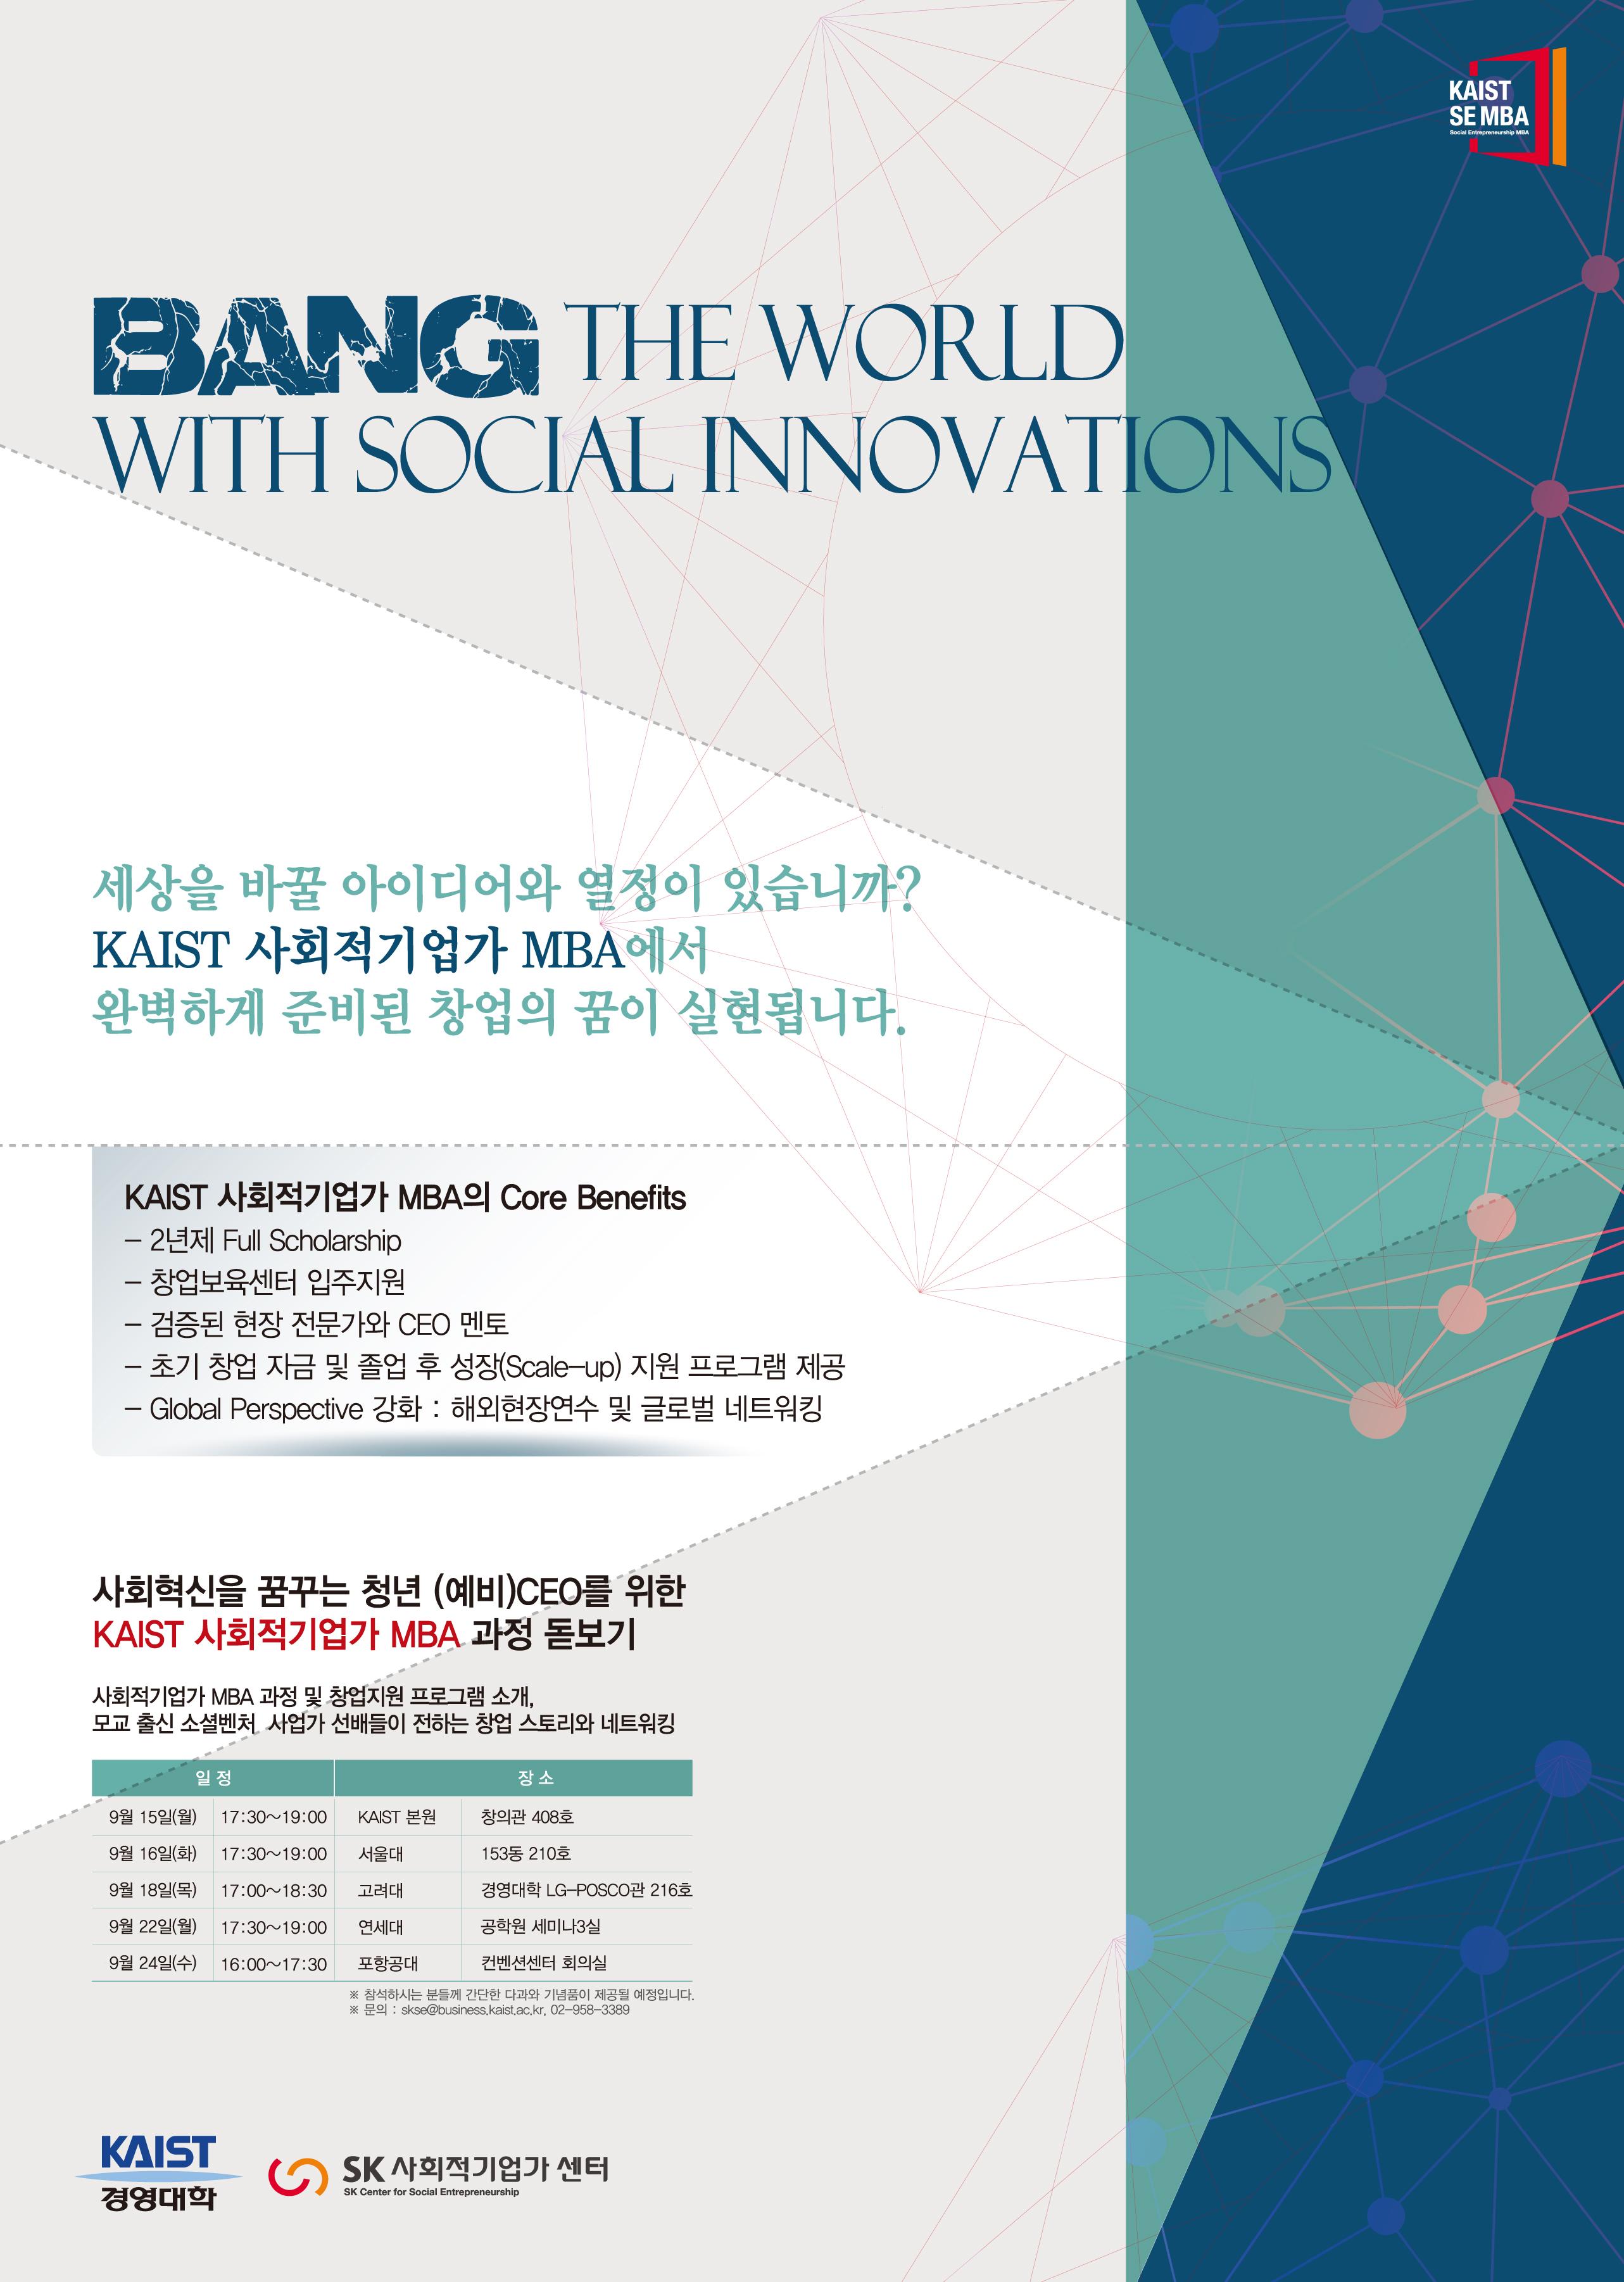 <사회혁신을 꿈꾸는 청년 (예비)CEO를 위한 KAIST SE MBA 돋보기> 안내(9월24일 오후4시)